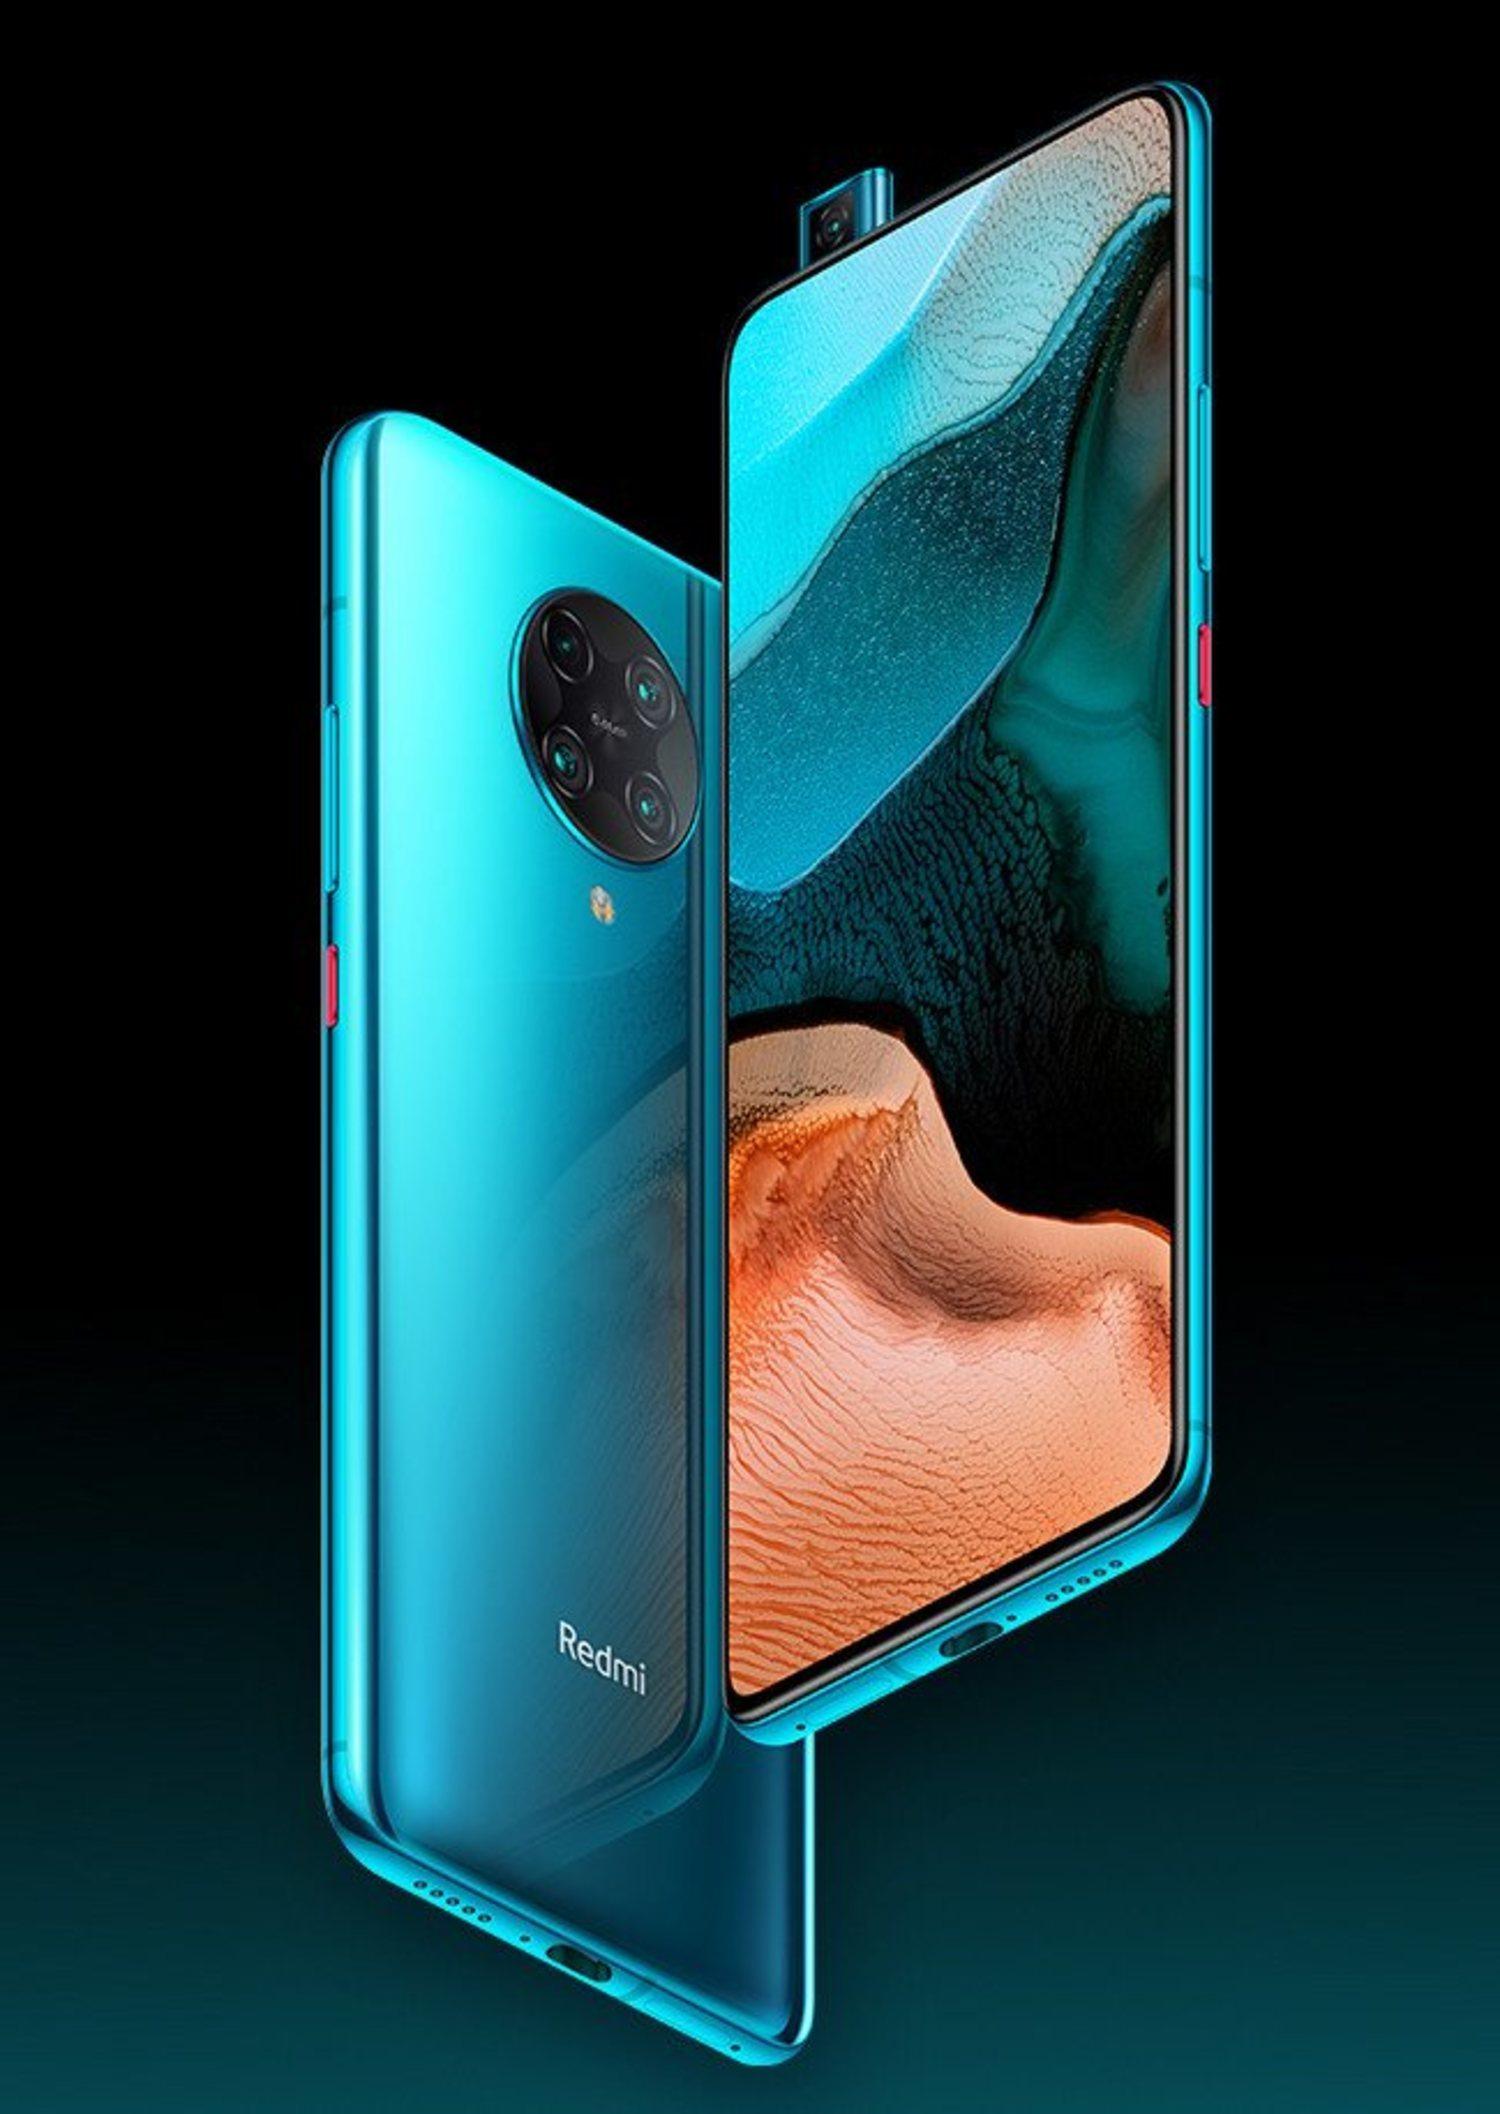 El Remdi K30 Pro y Pro Zoom llevarán el famoso sistema pop-up para la cámara frontal, dejando el protagonismo para su pantalla de 6,67 pulgadas.